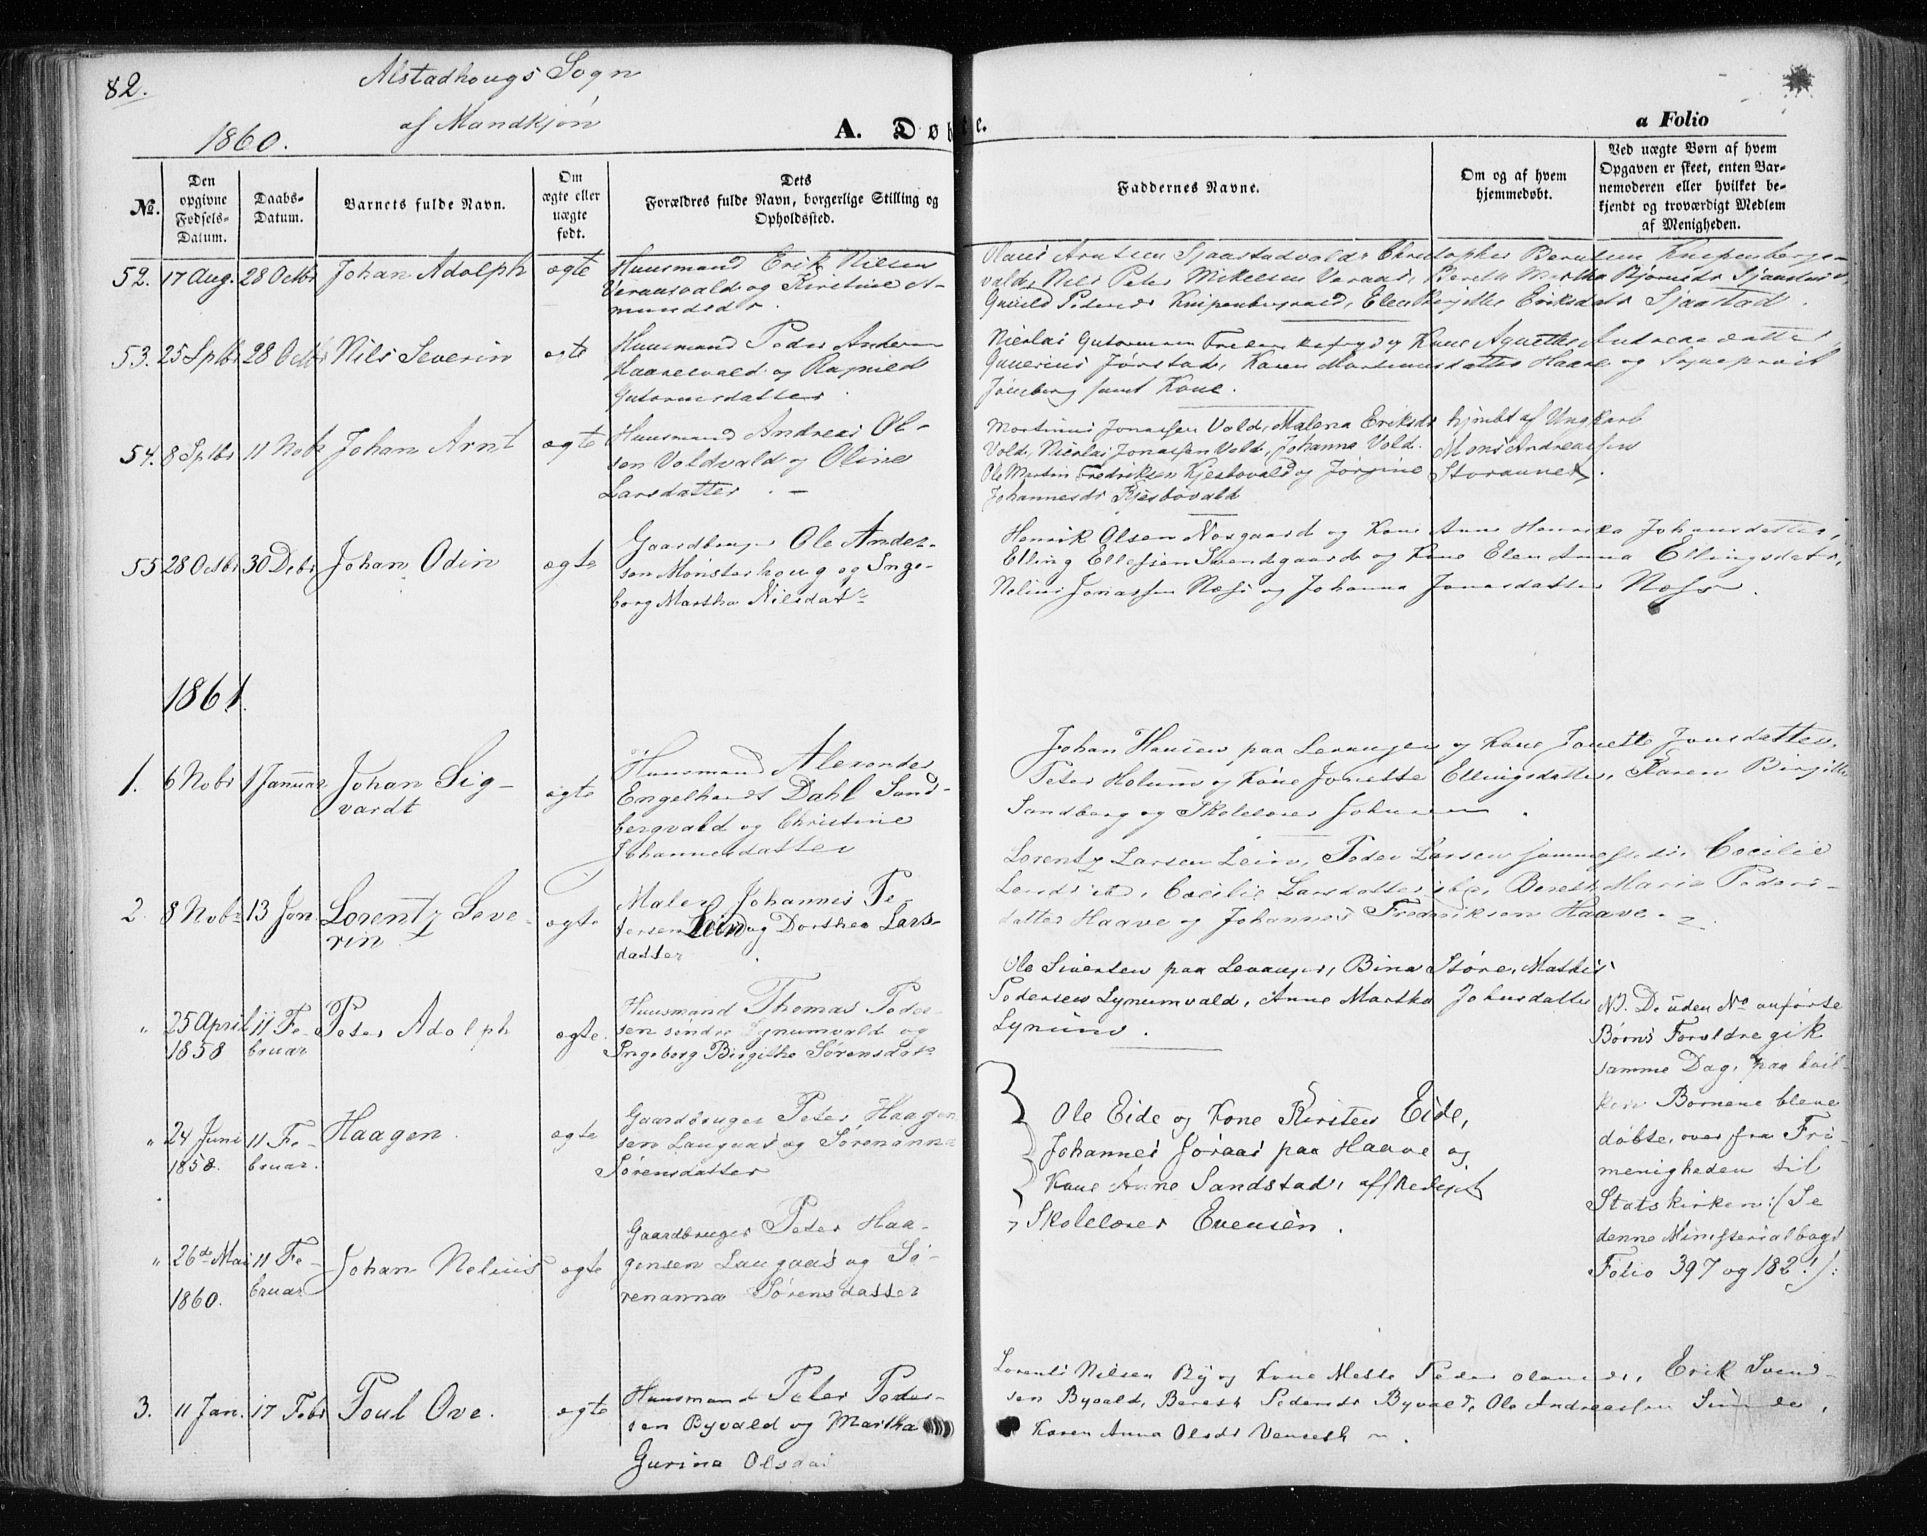 SAT, Ministerialprotokoller, klokkerbøker og fødselsregistre - Nord-Trøndelag, 717/L0154: Ministerialbok nr. 717A07 /1, 1850-1862, s. 82